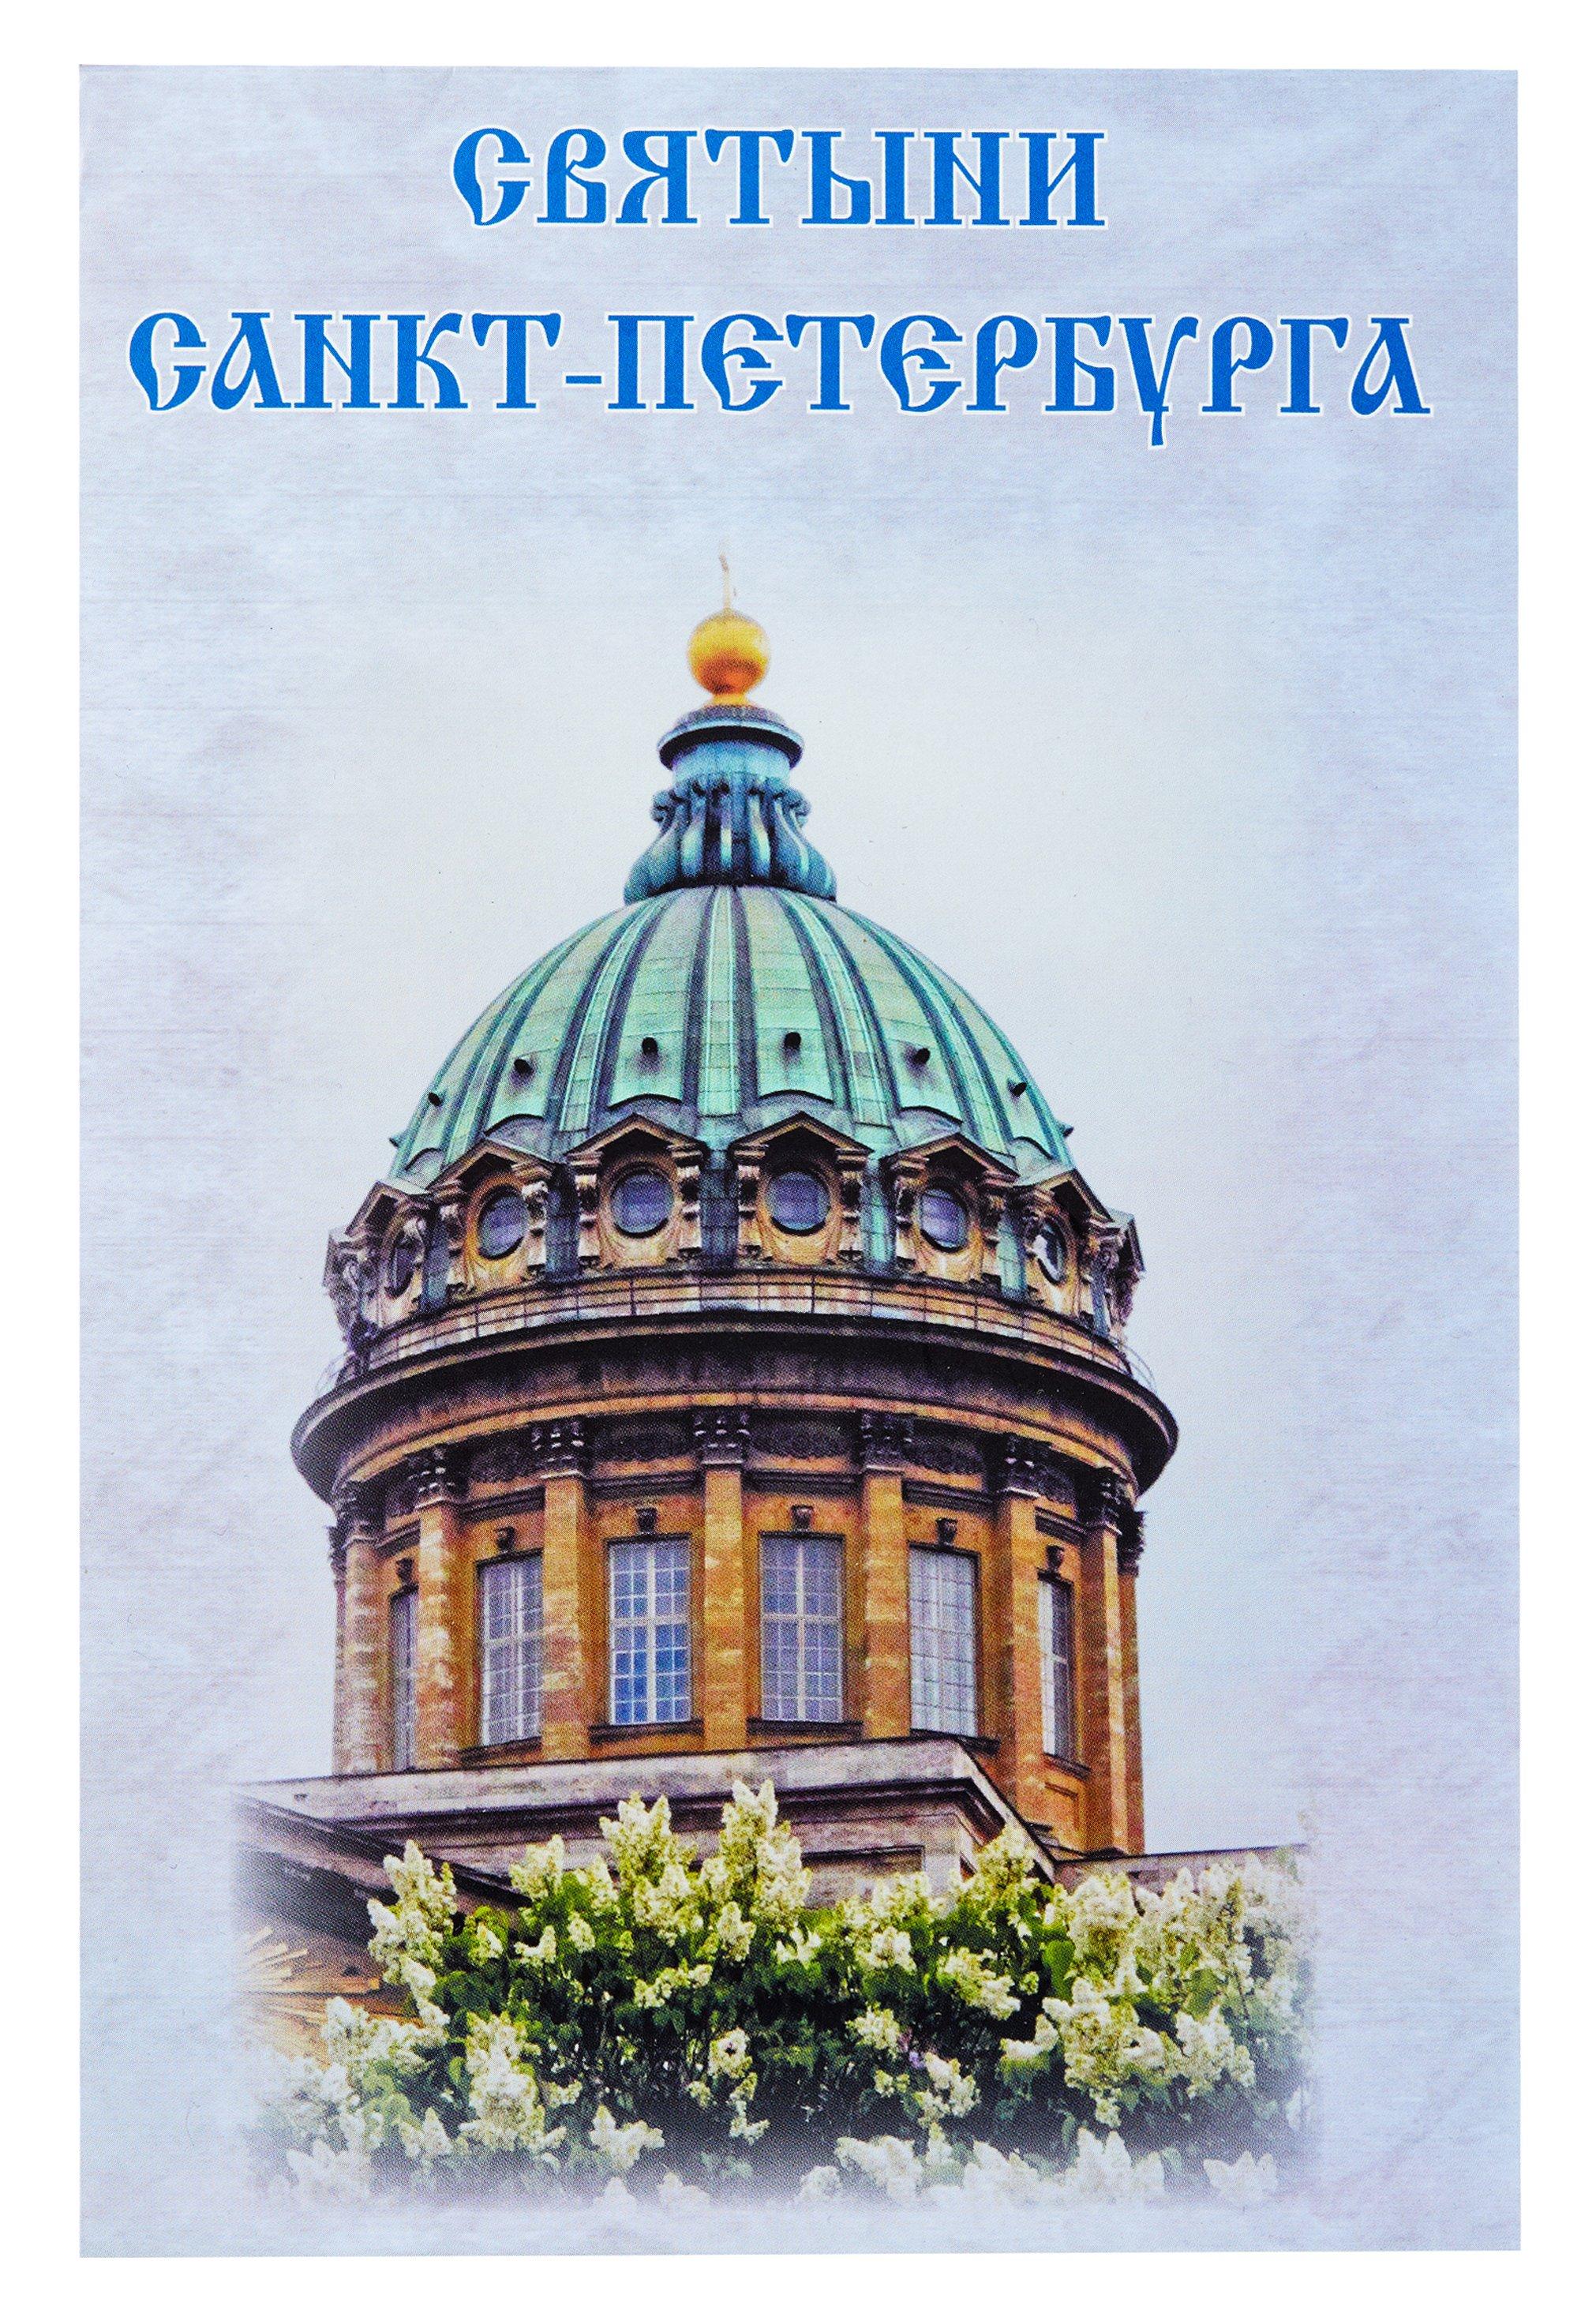 Святыни Санкт-Петербурга авиабилеты в израиль из санкт петербурга